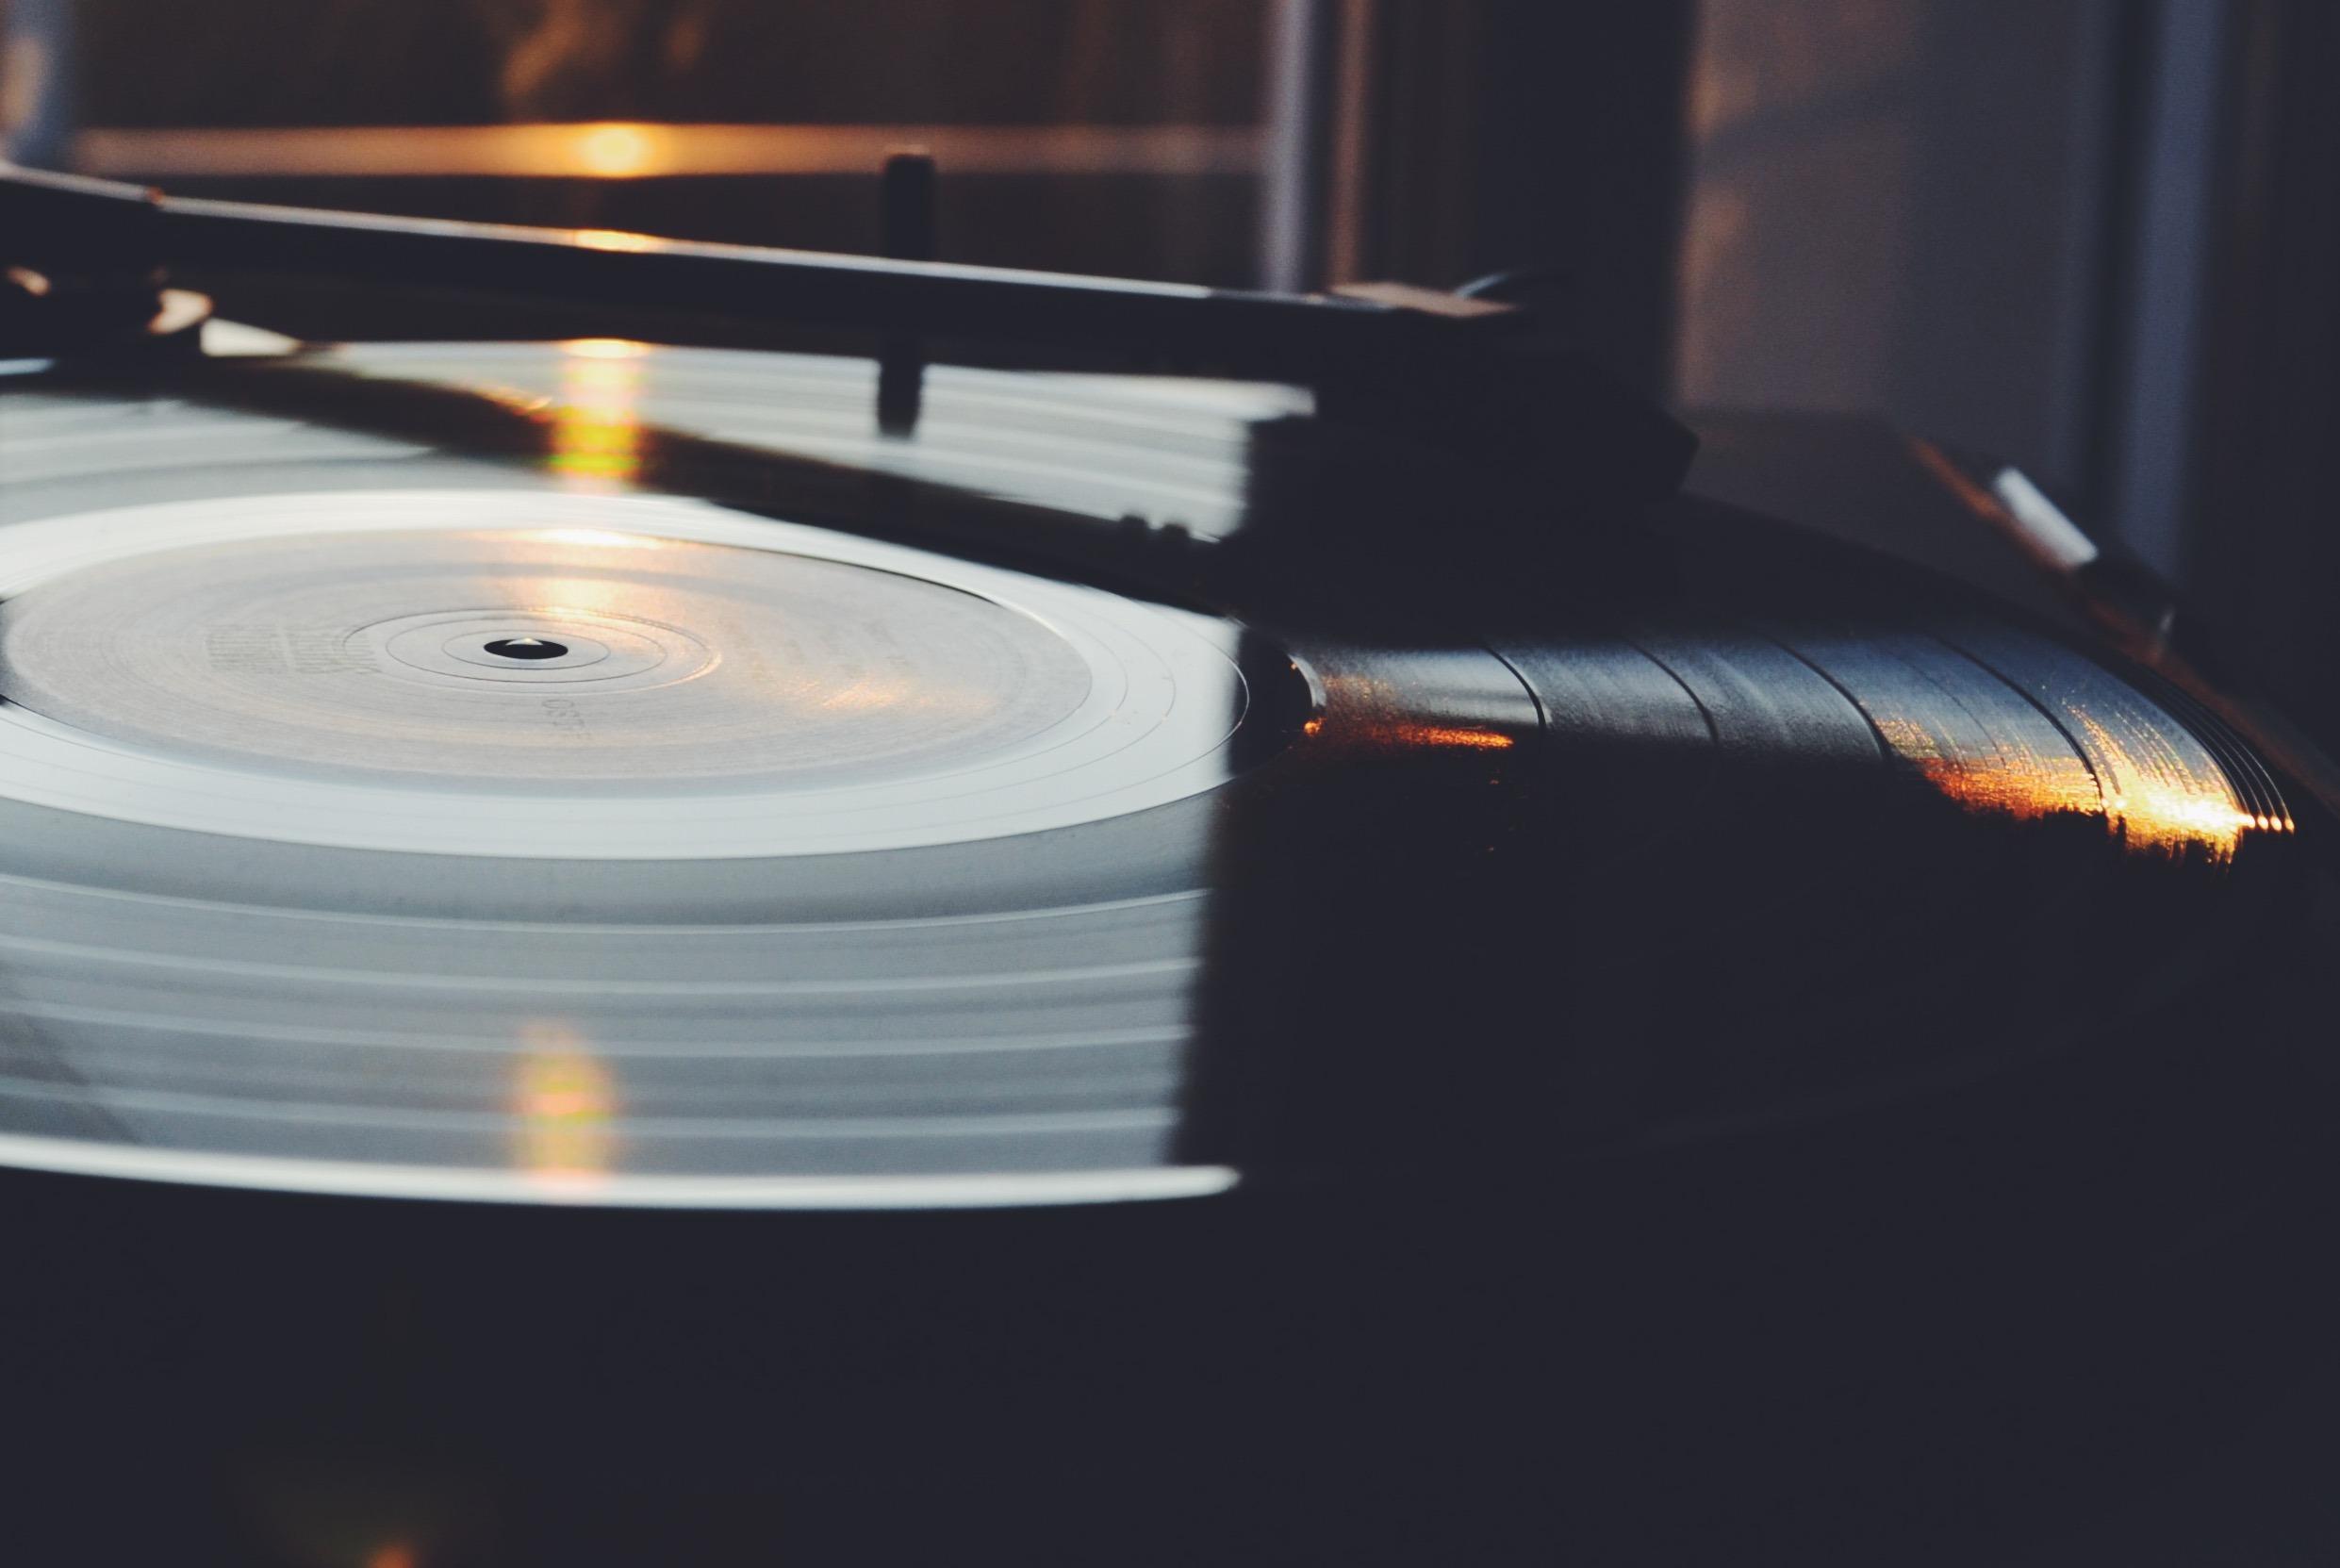 Conscientes du retour en force du vinyle, les grandes maisons de disques décident de sortir de plus en plus de vinyles, en rééditant de grands classiques